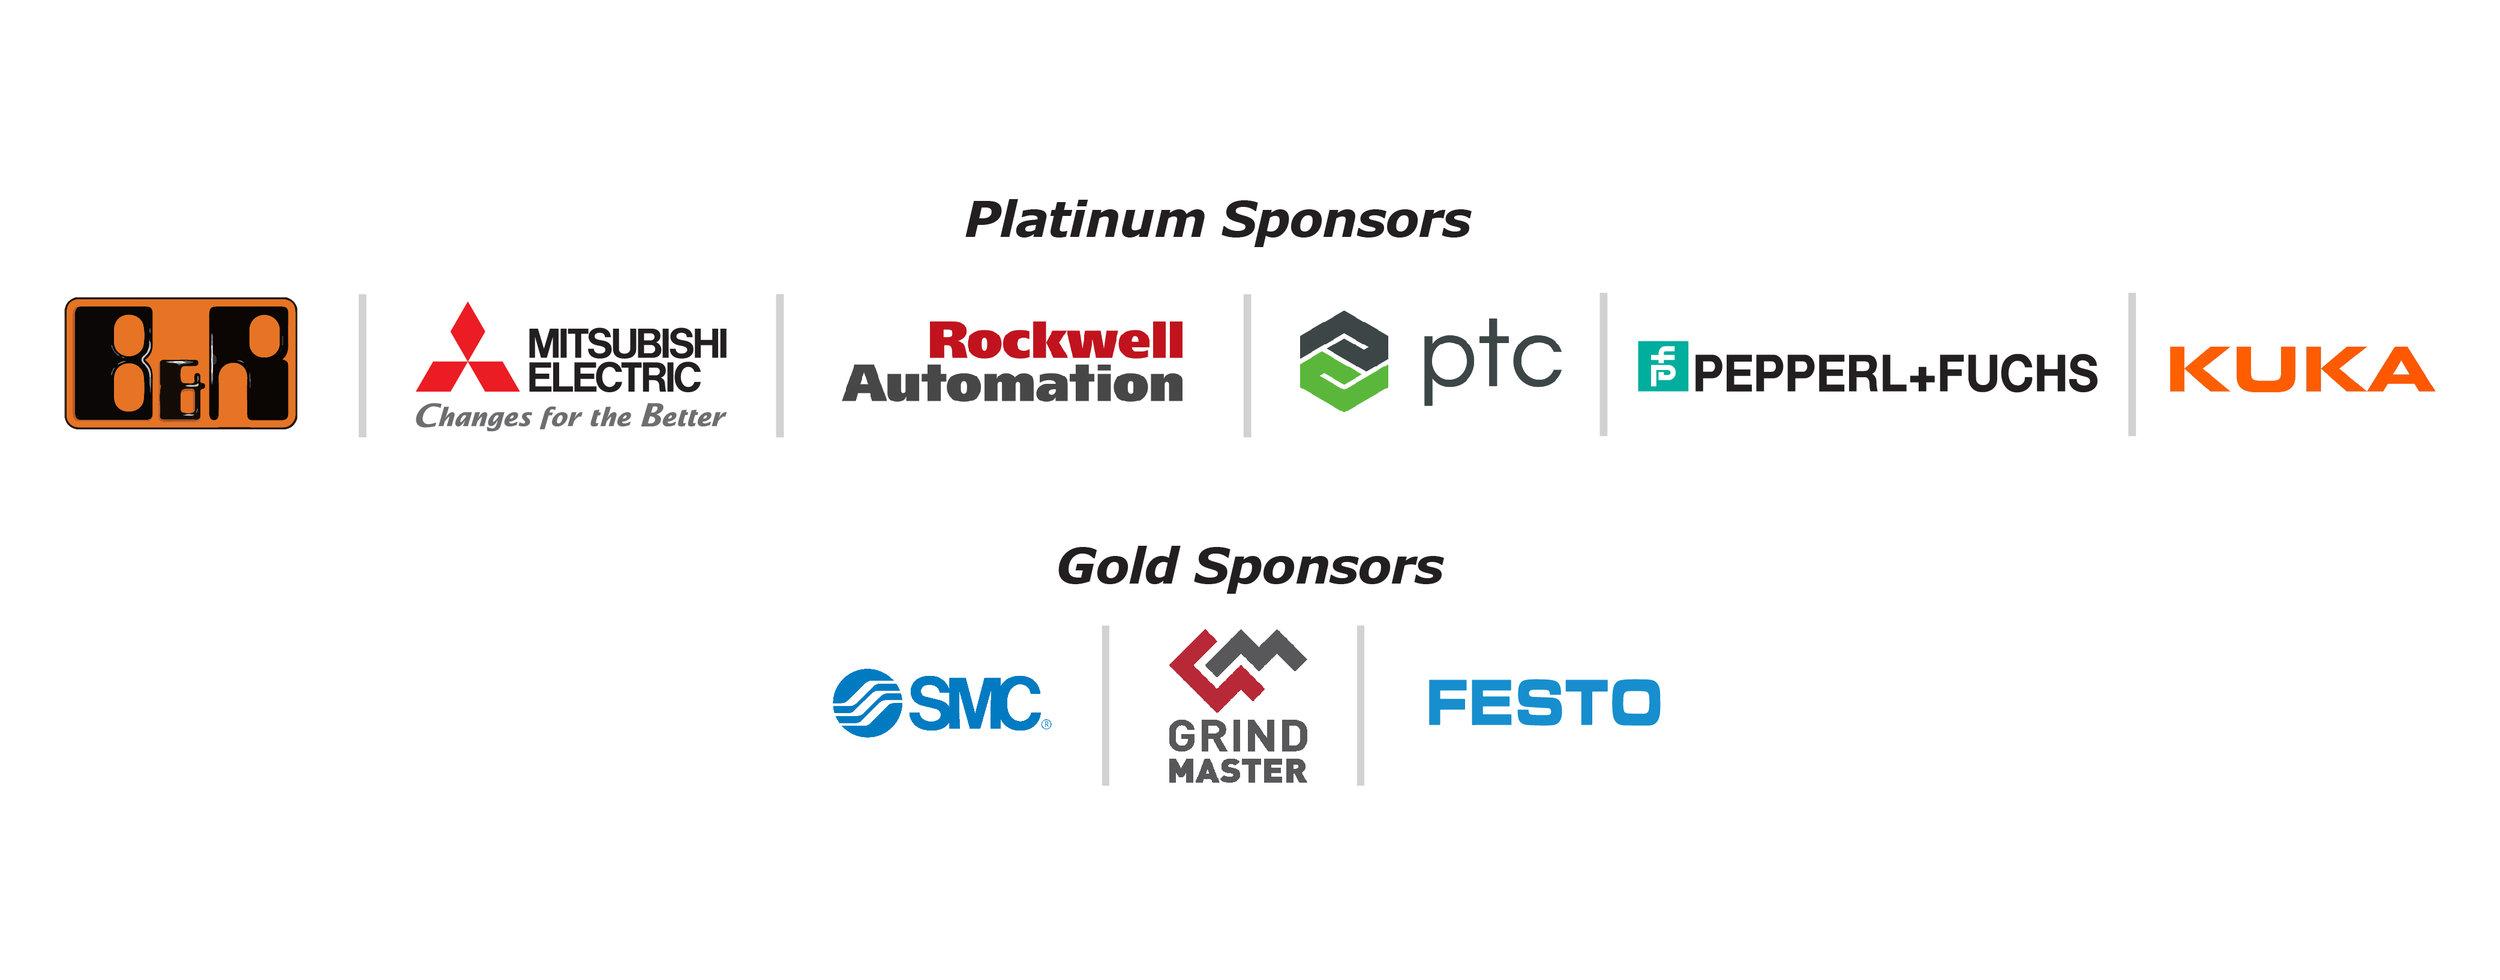 fsm_tech_partners_supporting_association_2.jpg